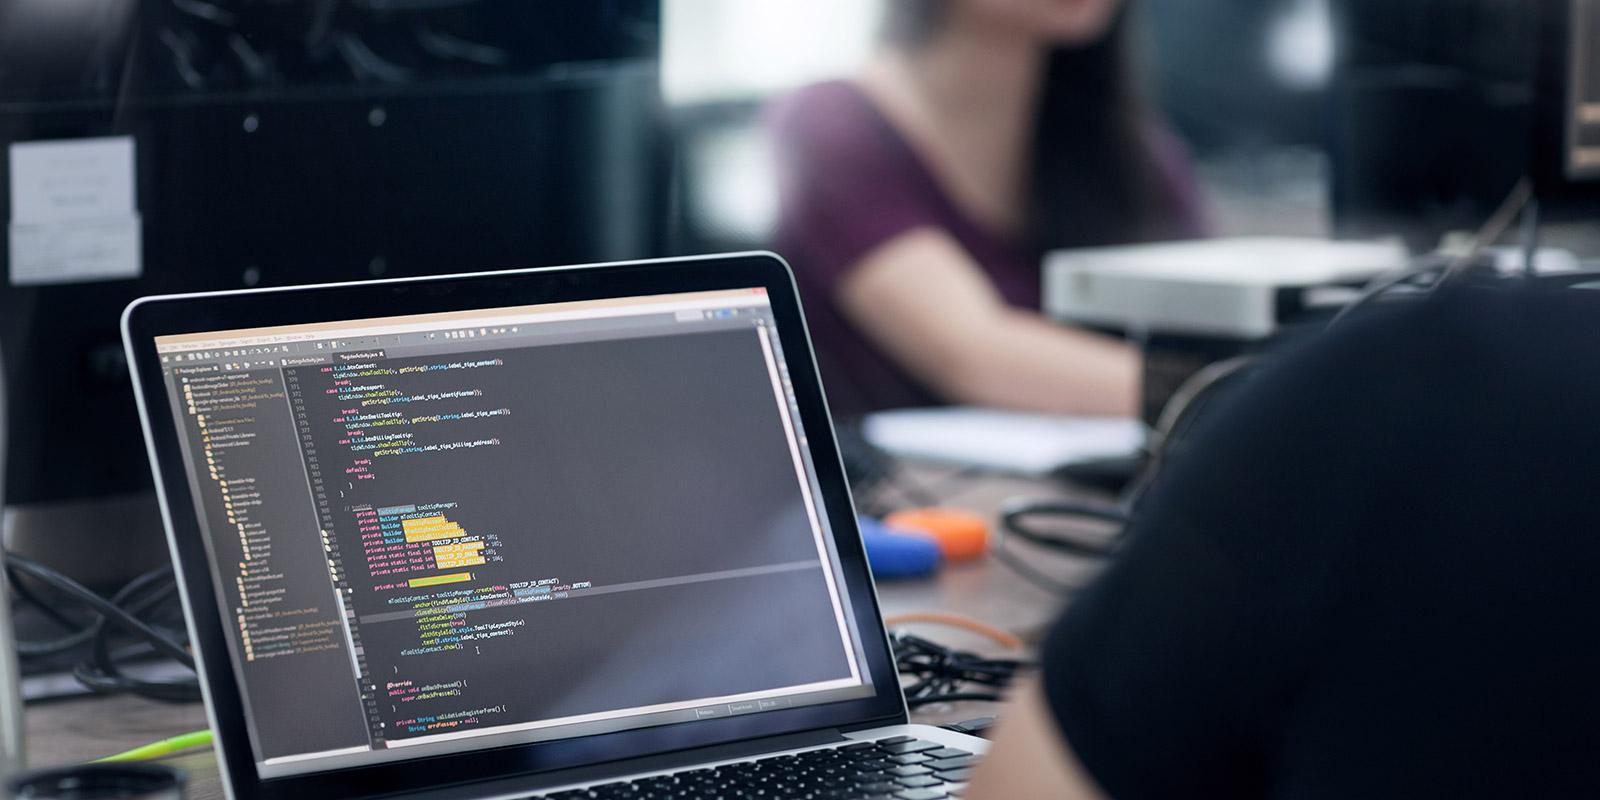 Auf dem IT-Markt werden Softwareentwickler häufig mit neuen Trends und Herausforderungen konfrontiert